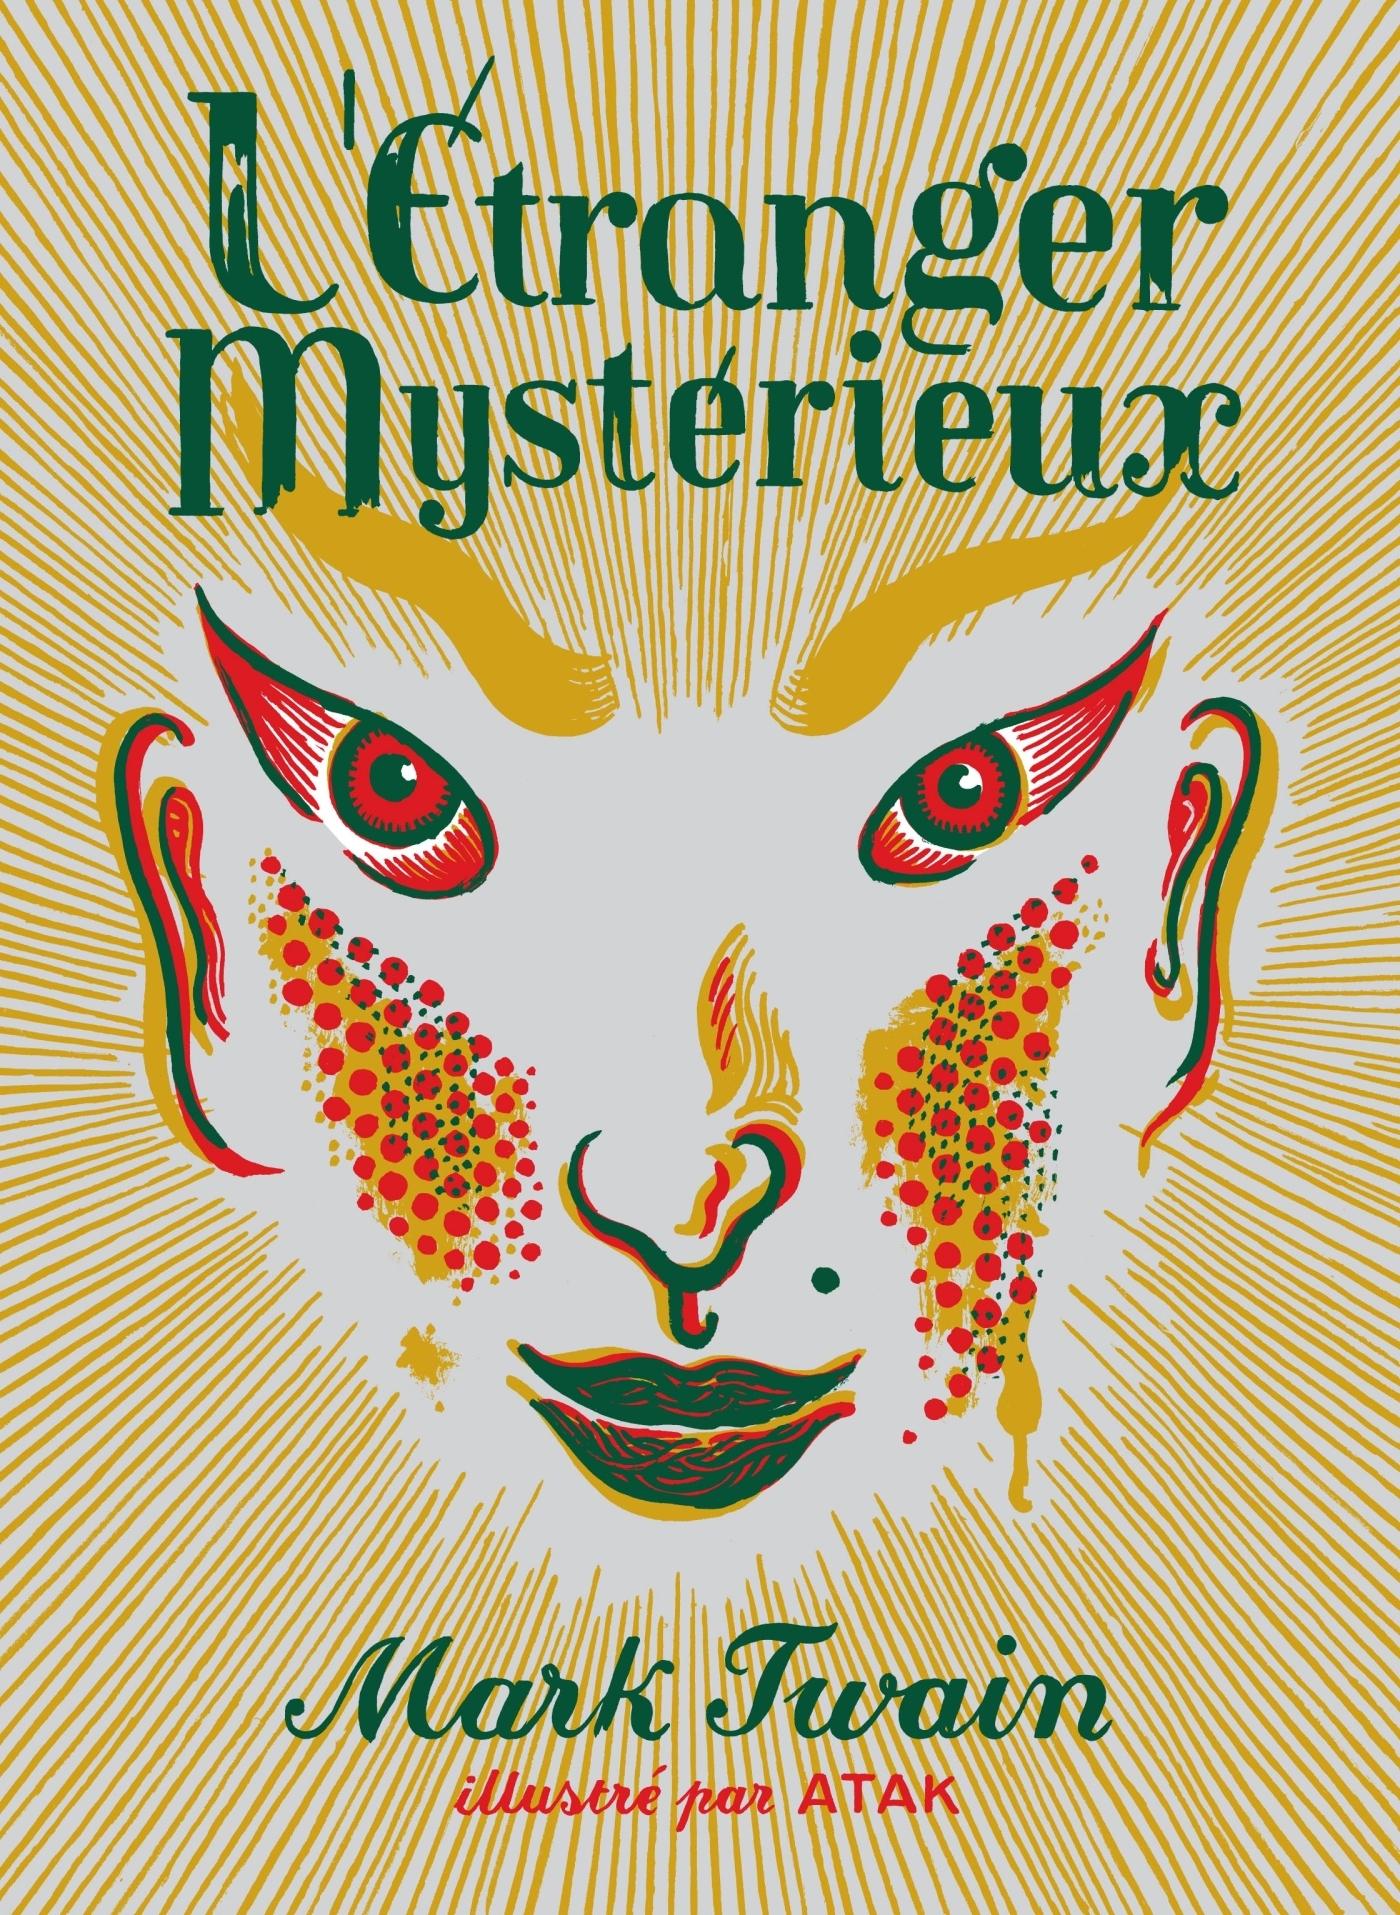 L'ETRANGER MYSTERIEUX